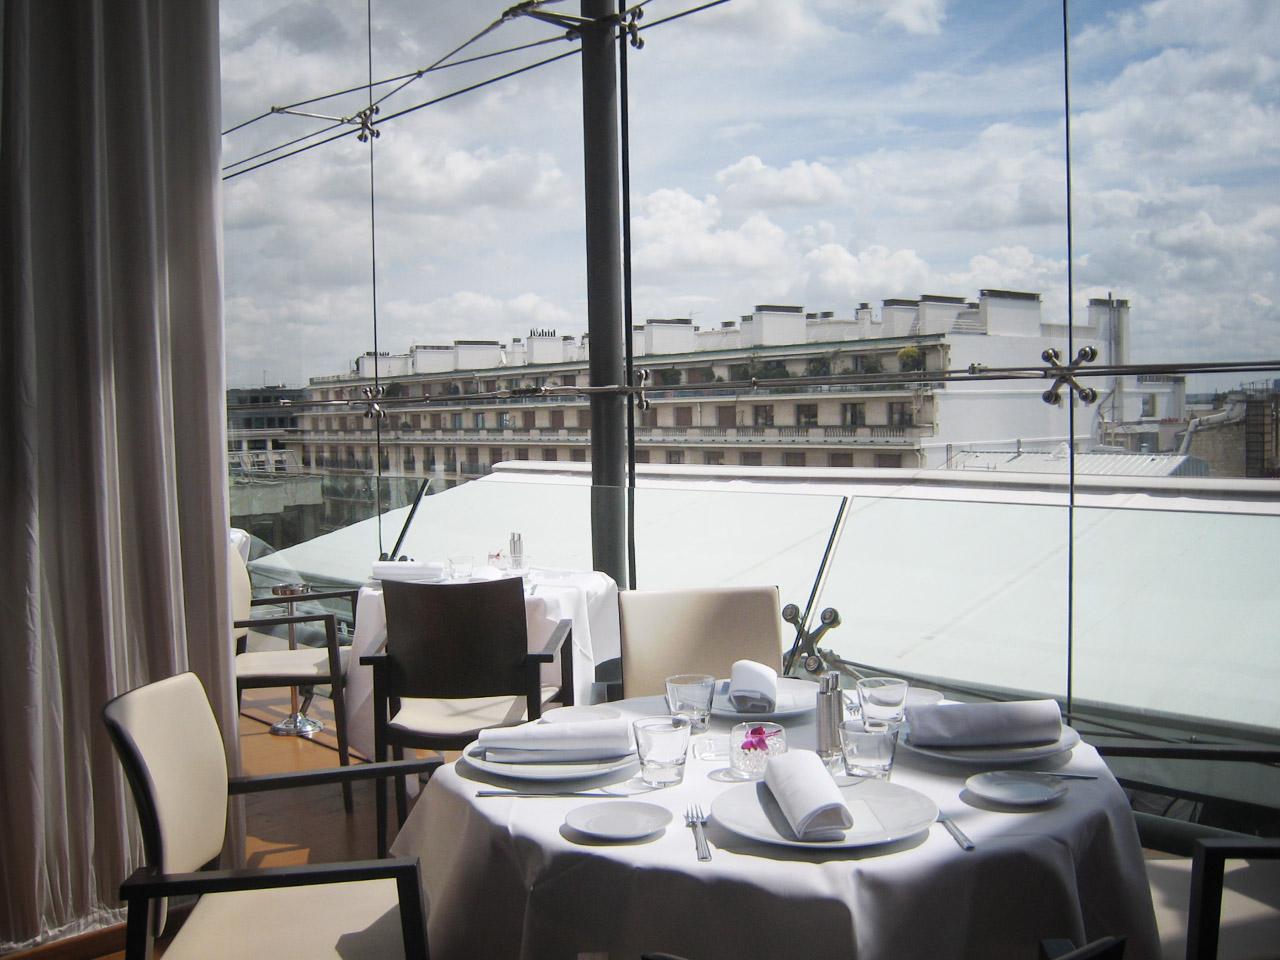 La maison blanche restaurant paris orgyness for Restaurant la maison blanche toulouse